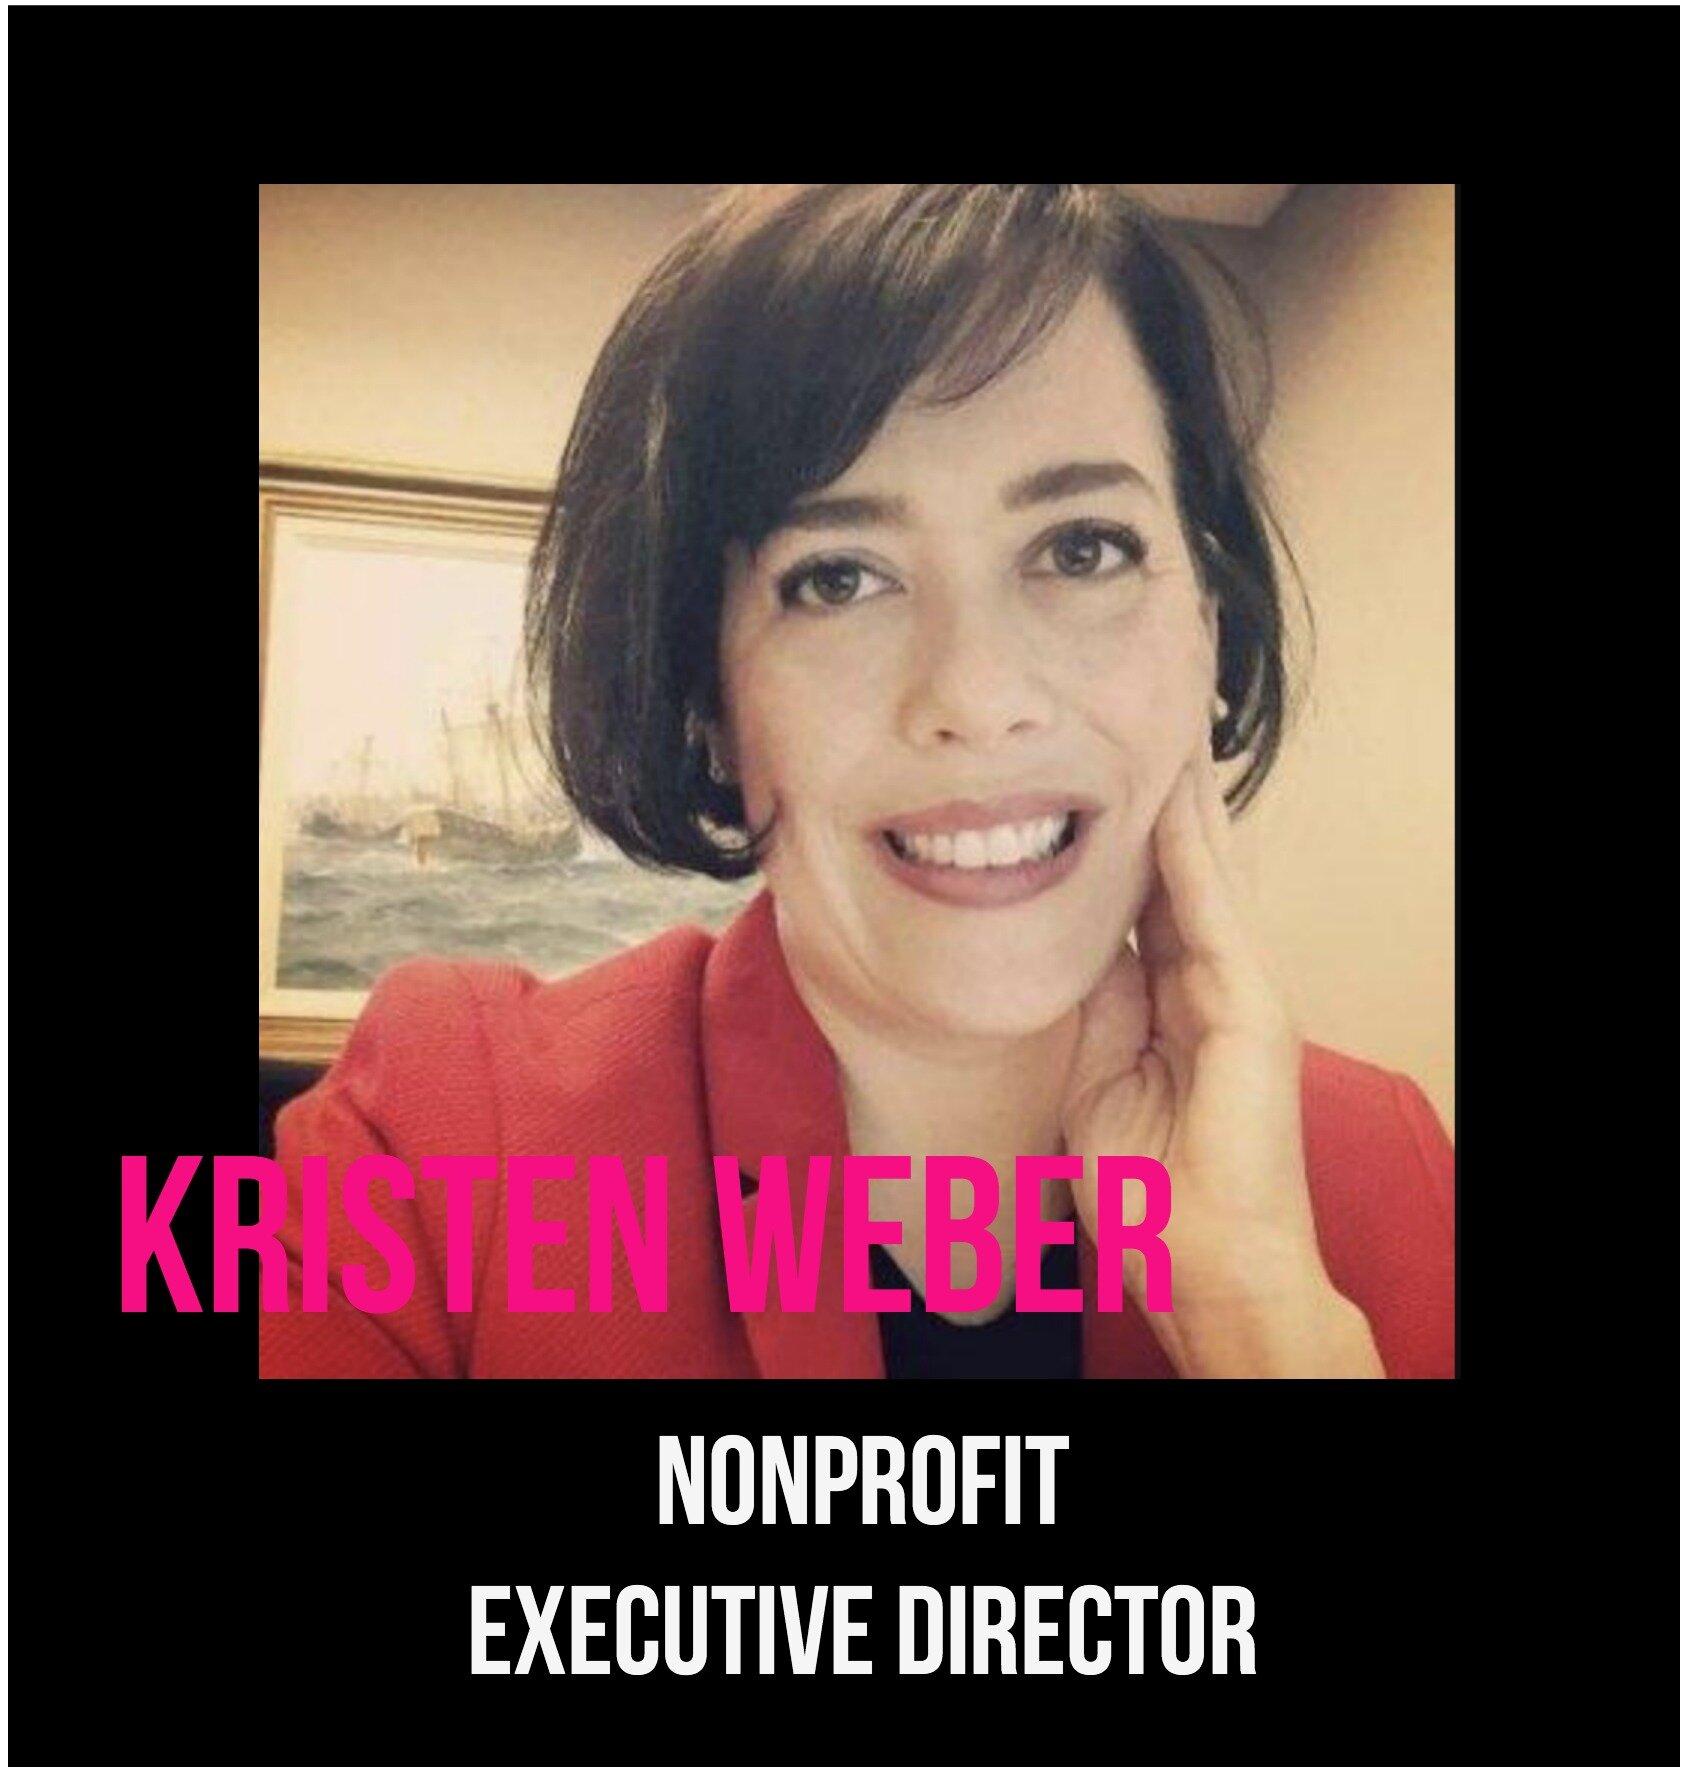 THE JILLS OF ALL TRADES™ Kristen Weber Non-Profit Executive Director